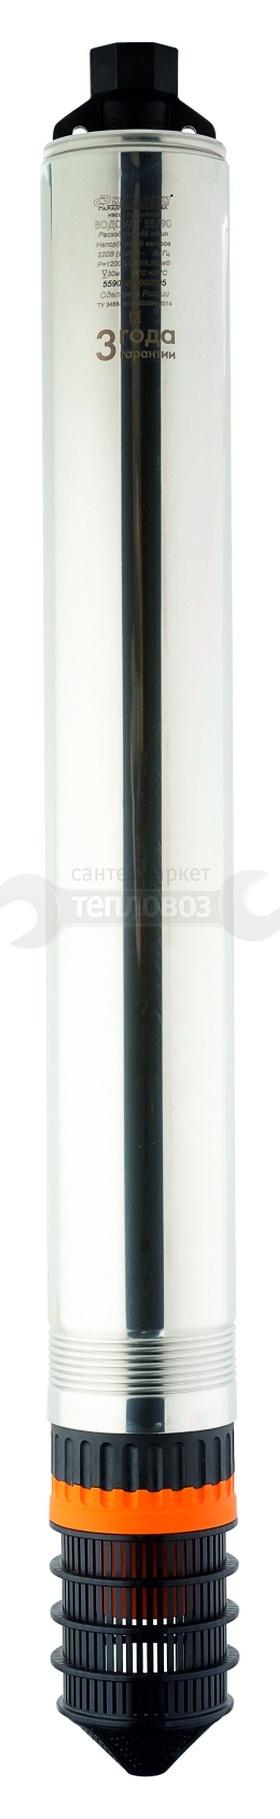 Купить Джилекс Водомет Проф 55/90 в интернет-магазине Дождь